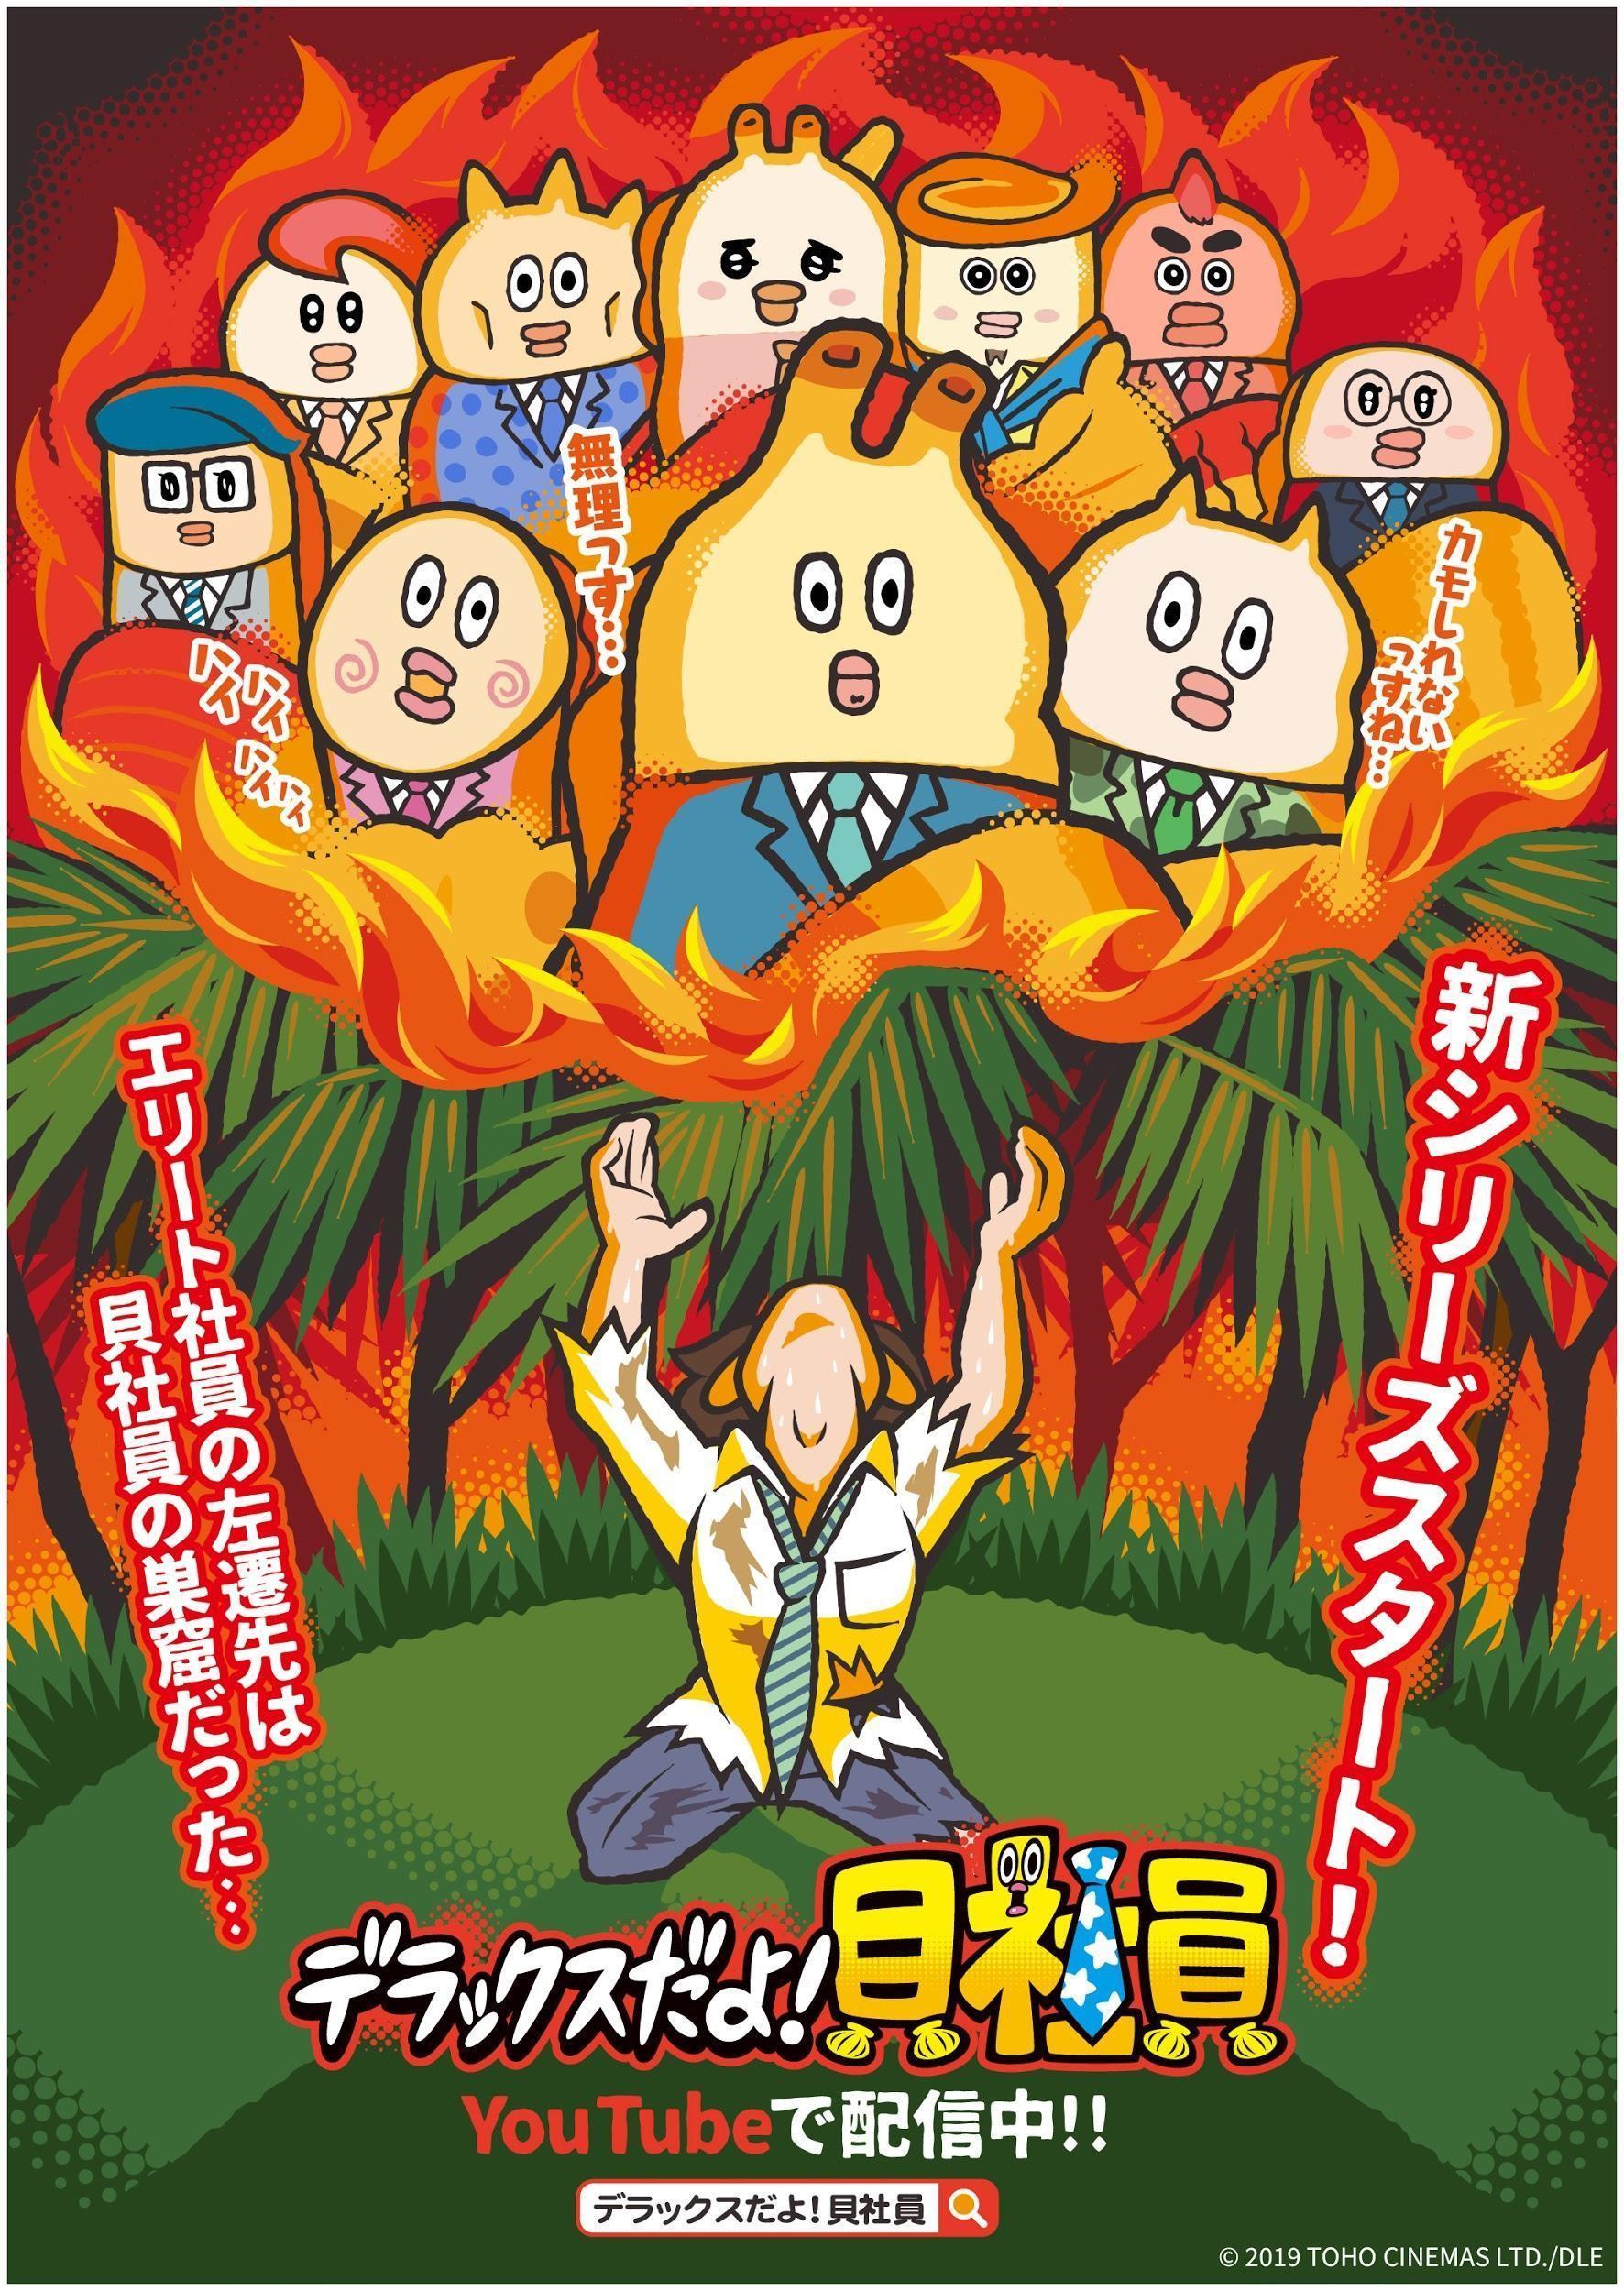 【貝社員】待望の新シリーズ「デラックスだよ!貝社員」配信スタート!!